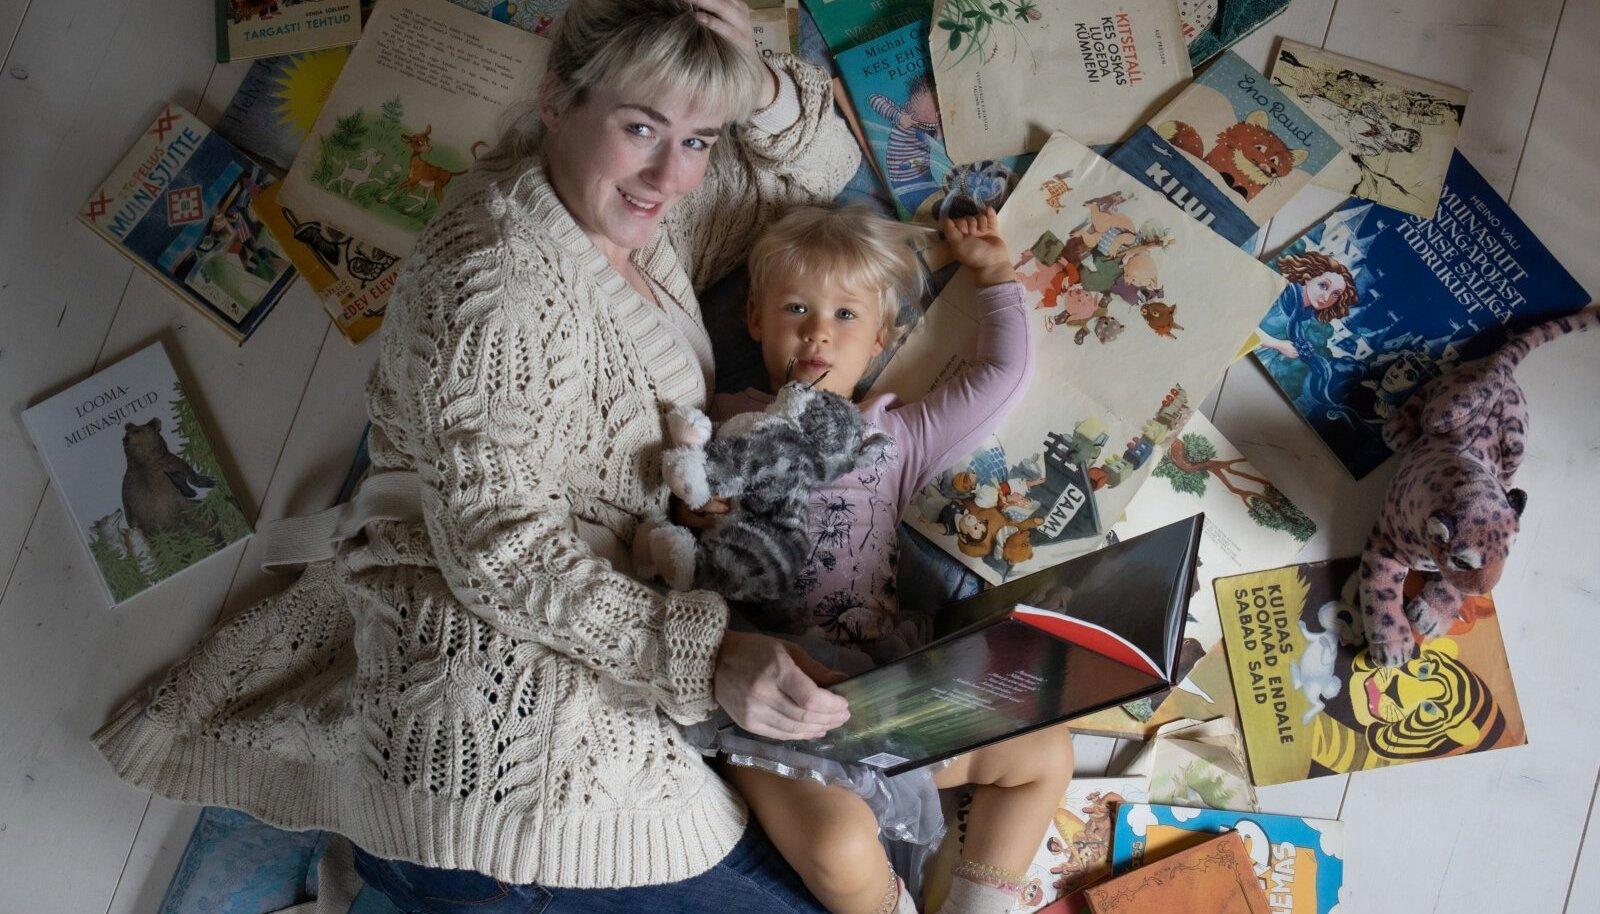 """Tuuli Jõesaar oma tütrega nõukogude ajal välja antud lasteraamatute keskel, mis ei osutunudki nii """"ohututeks"""", kui esmapilgul arvaks."""